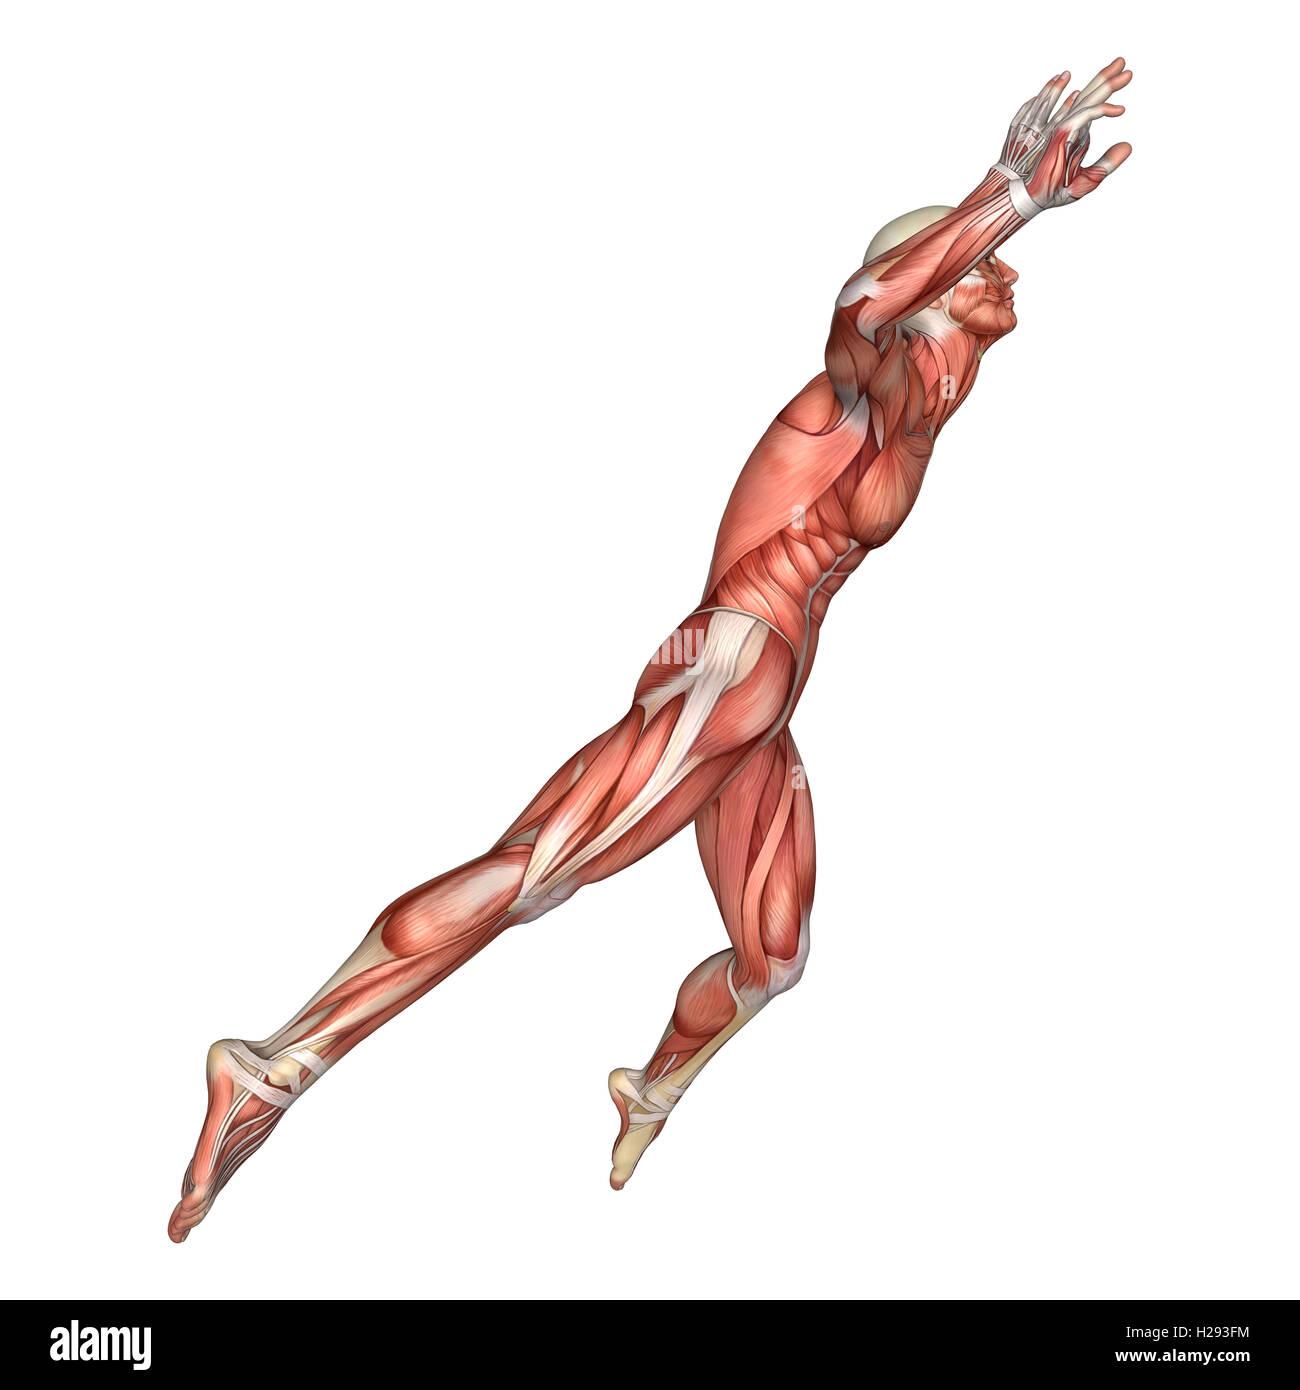 Fantastisch Muskeln Anatomie Spiel Zeitgenössisch - Menschliche ...